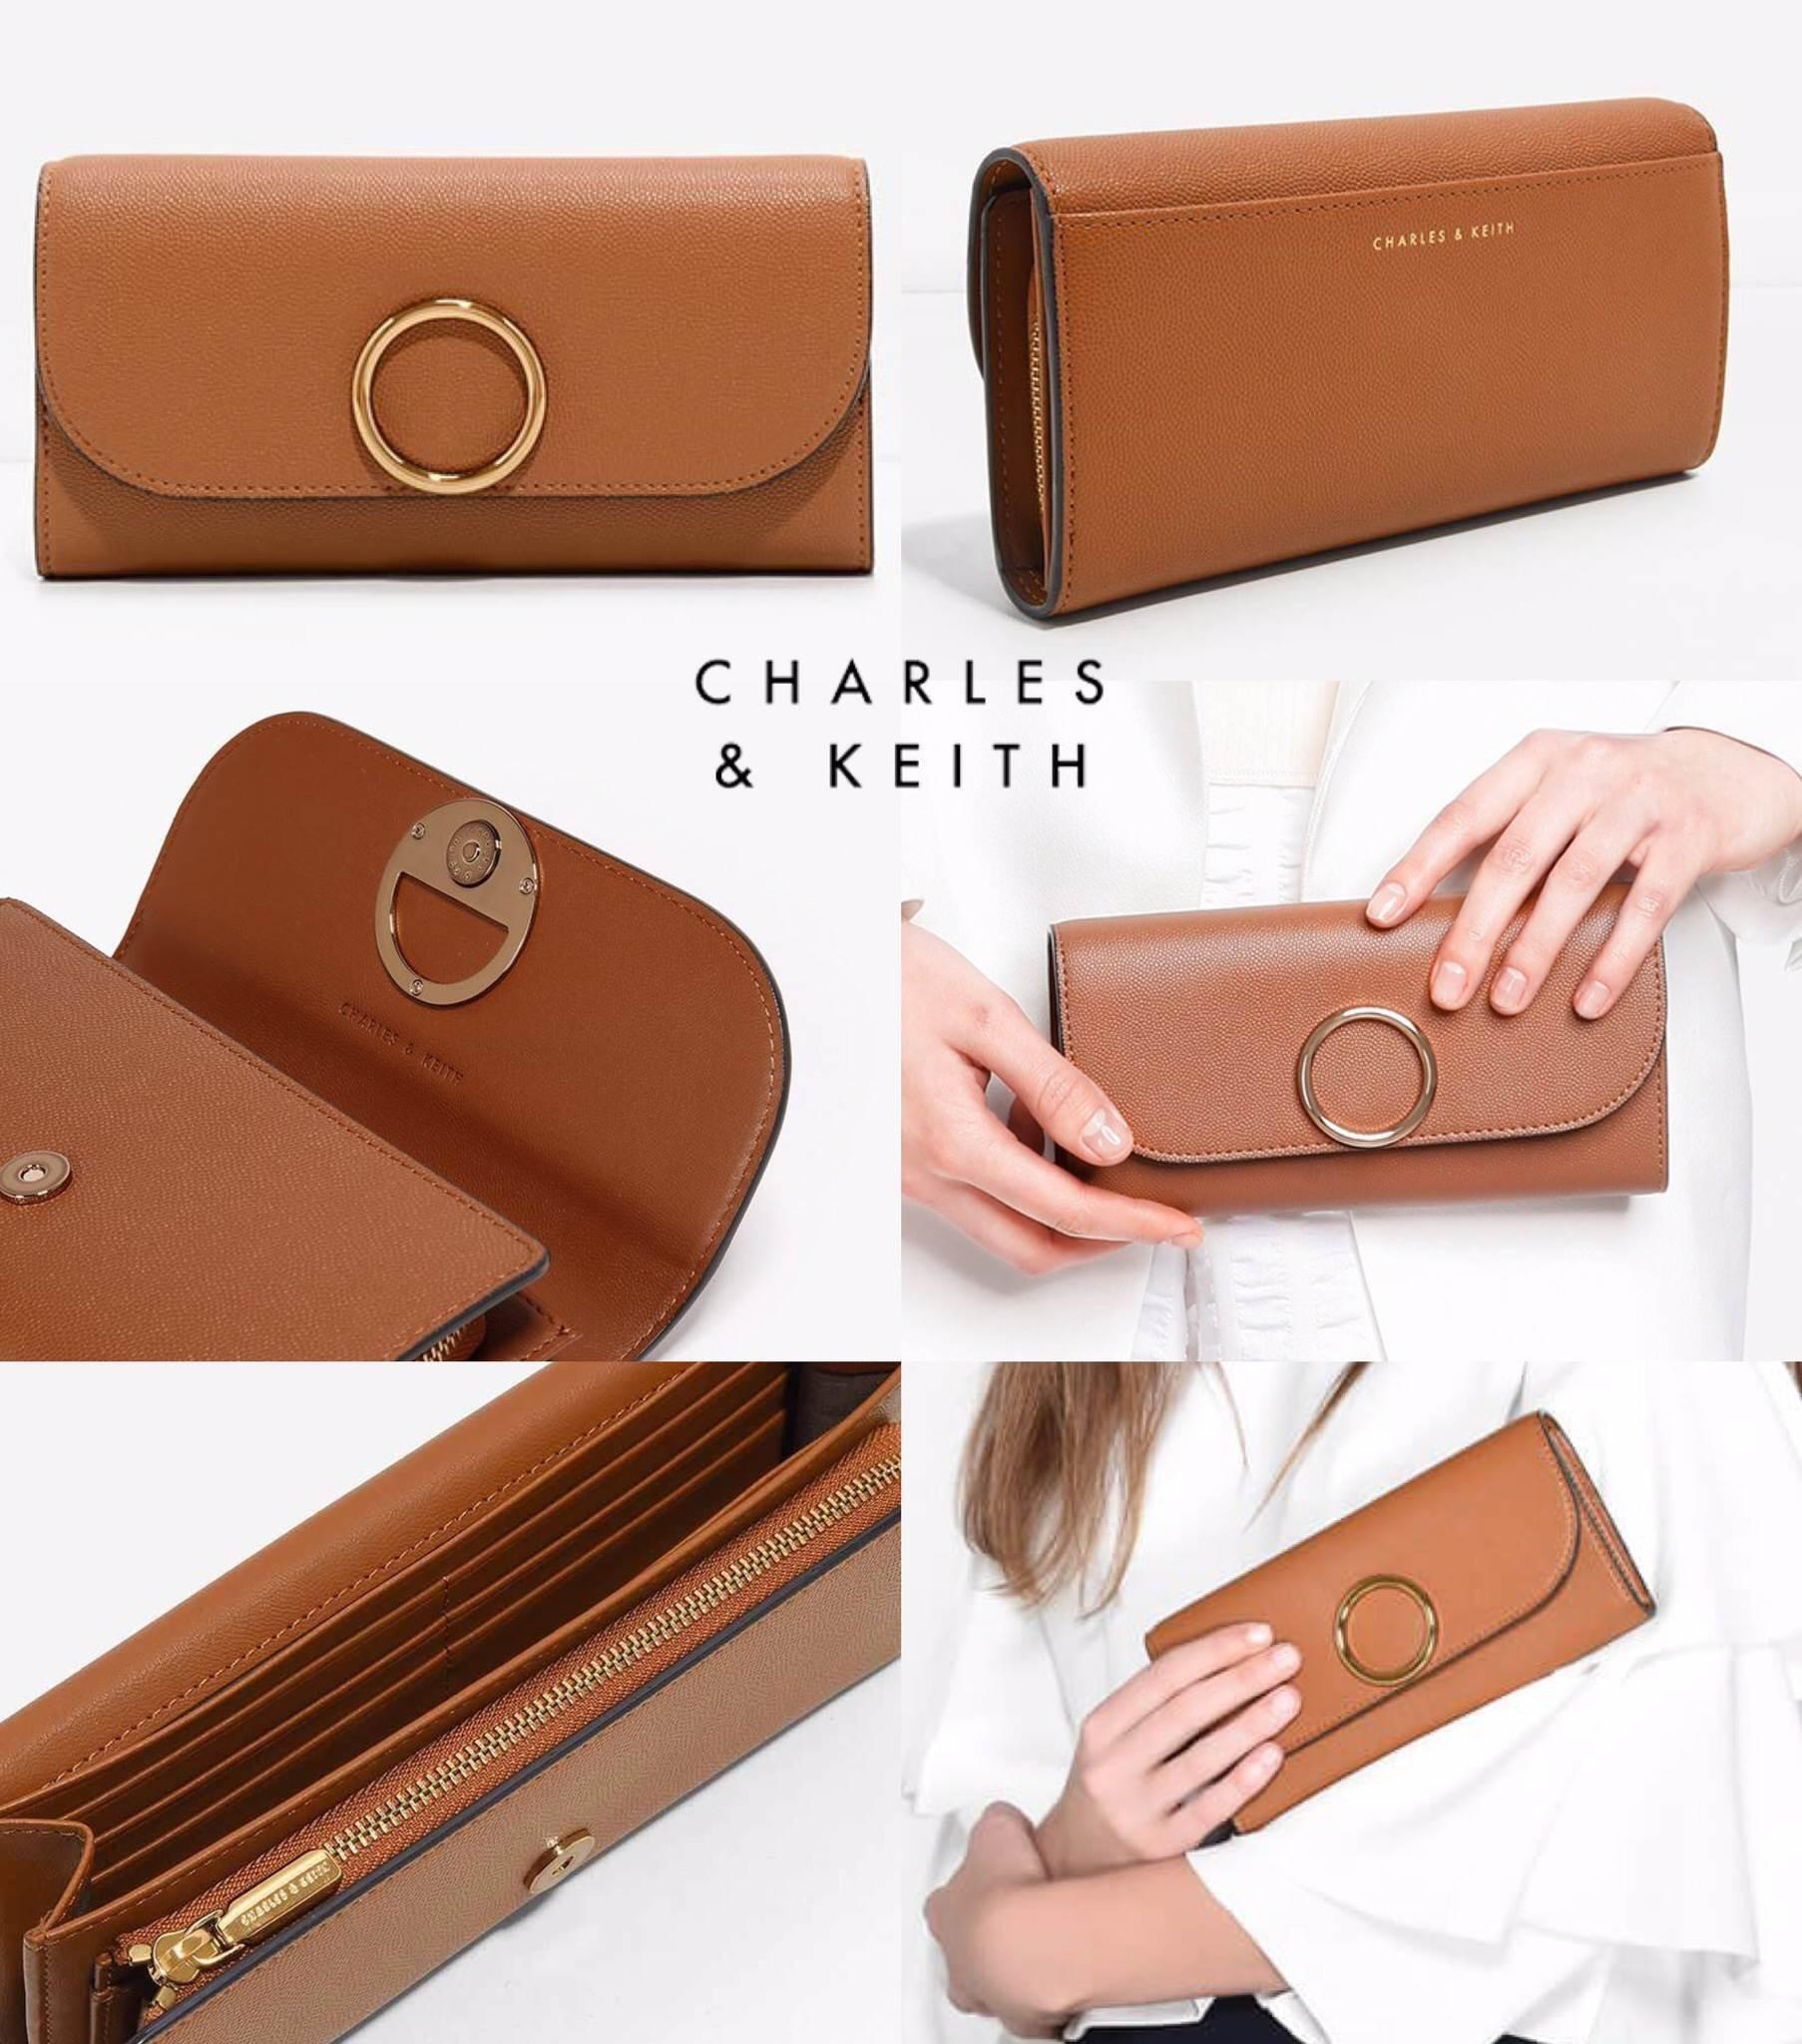 กระเป๋าเงิน ใบยาว Charles & Keith Long Wallet 2017 สีน้ำตาล ราคา 1,090 บาท Free Ems